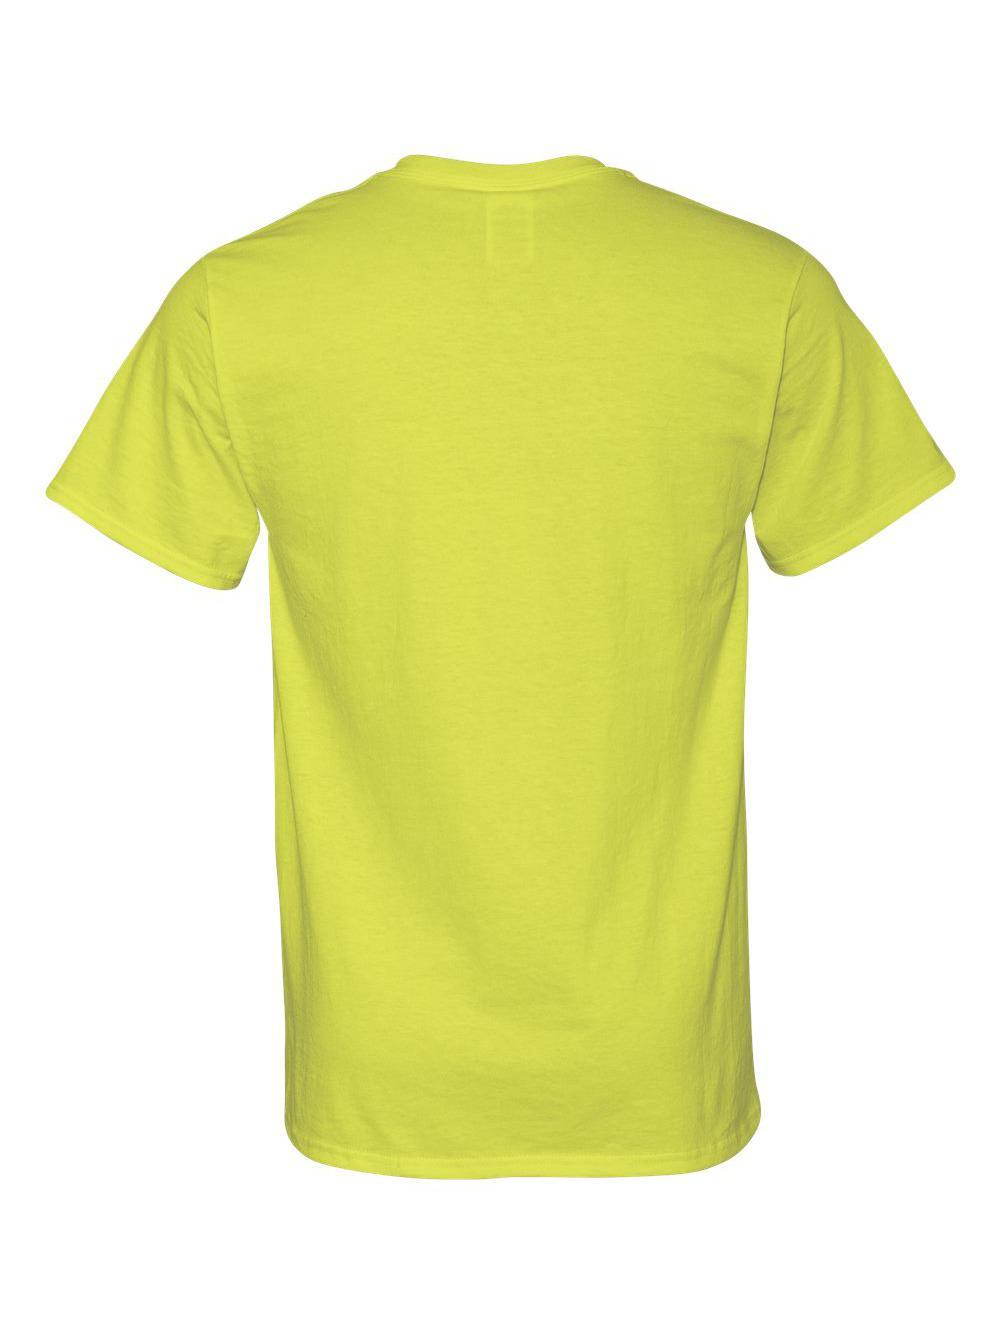 Jerzees-Dri-Power-Tall-50-50-T-Shirt-29MT thumbnail 19